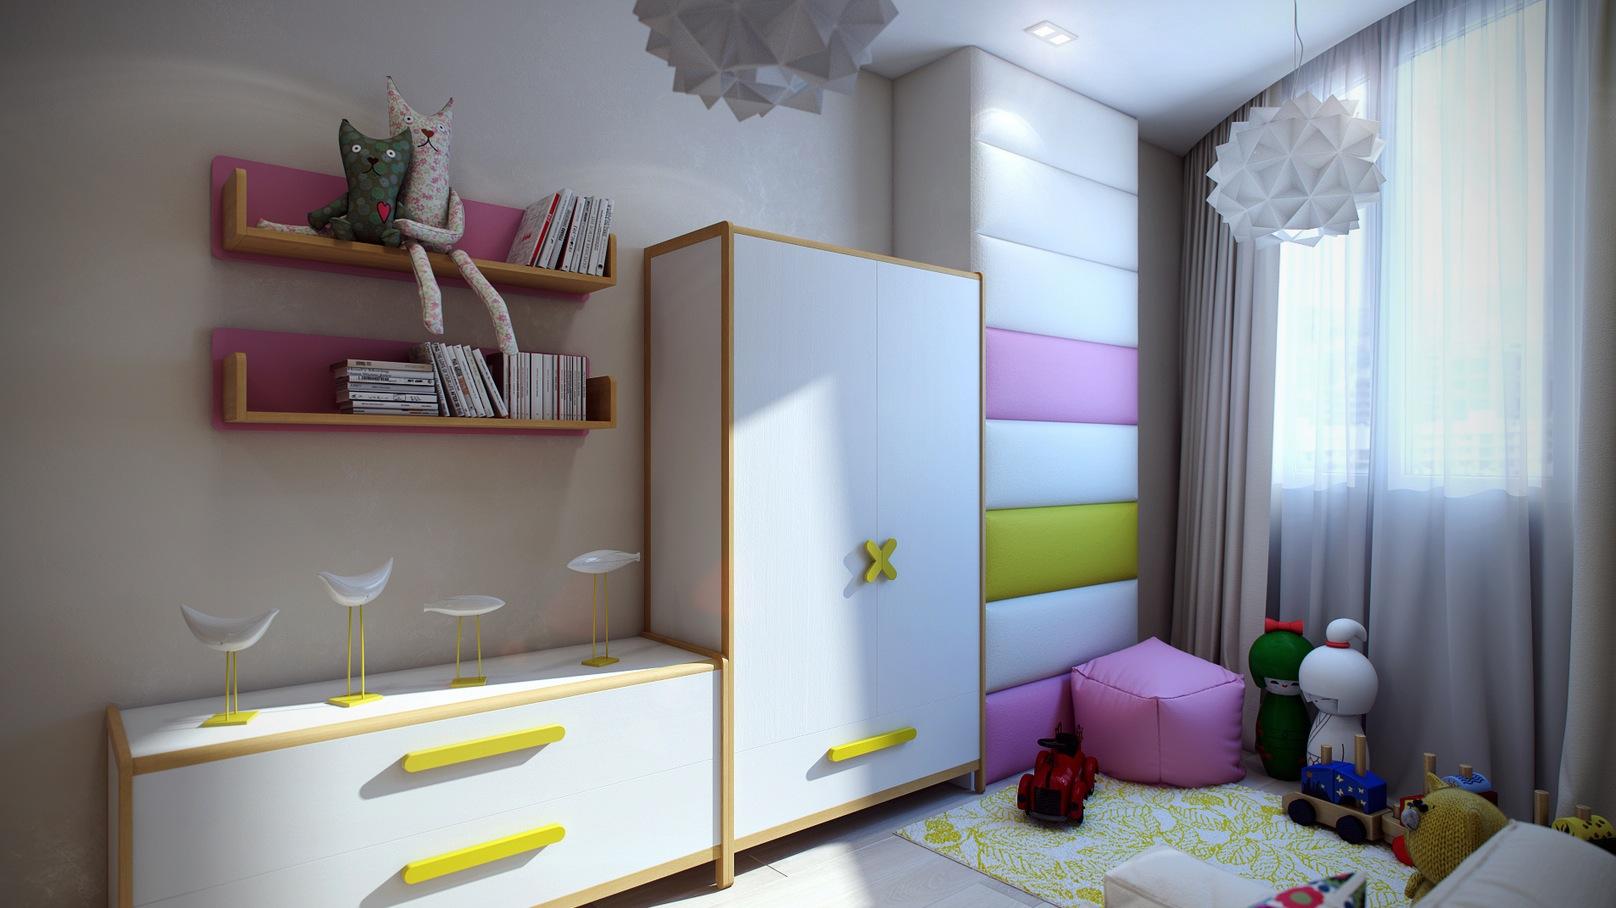 بالصور احدث غرف نوم اطفال , صور احدث غرف النوم للاطفال 3587 8